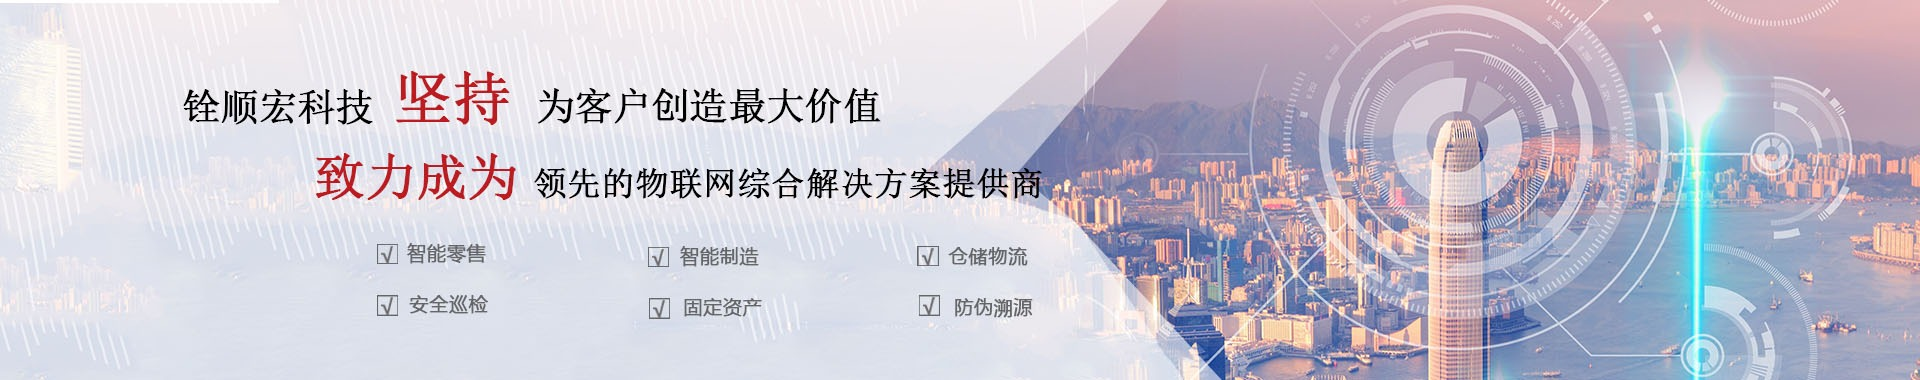 专业的RFID产品与技术服务提供商-深圳铨顺宏